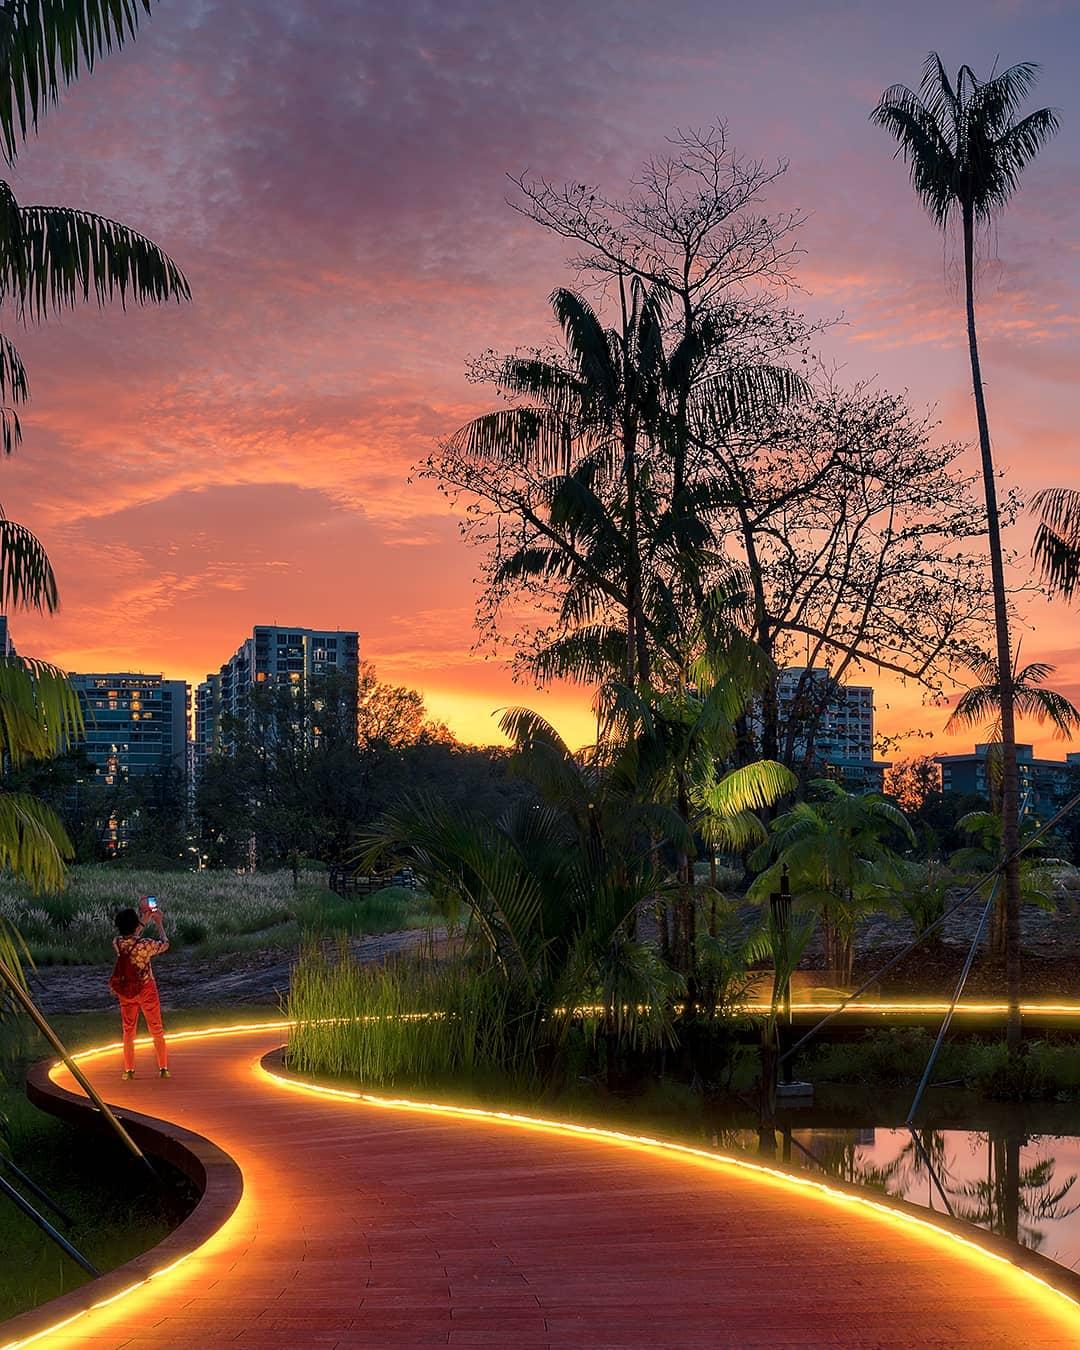 Jurong lake garden stargazing